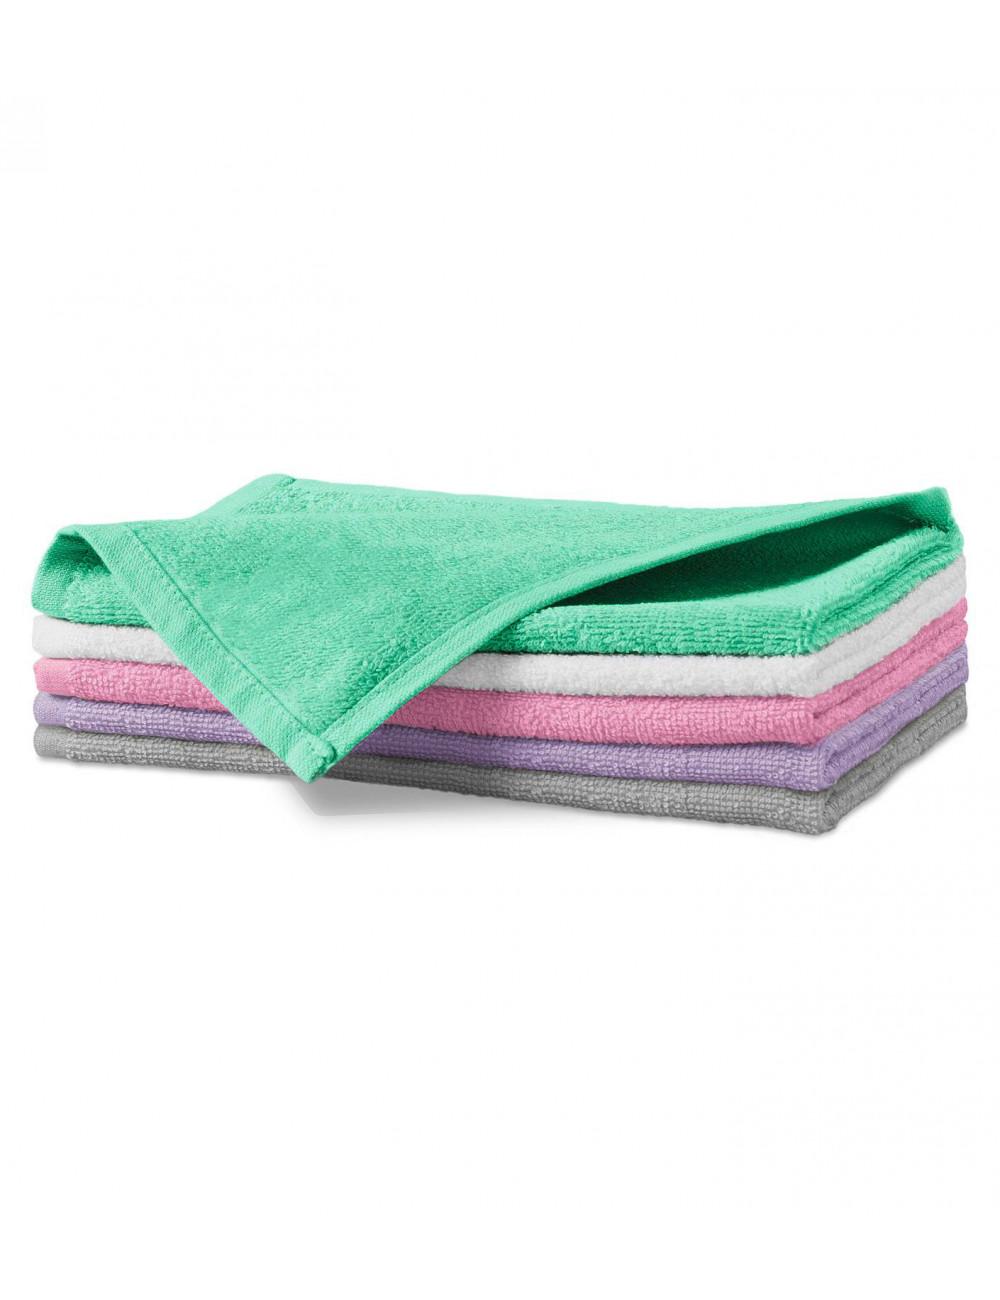 Adler MALFINI Ręcznik mały unisex Terry Hand Towel 907 jasnoszary